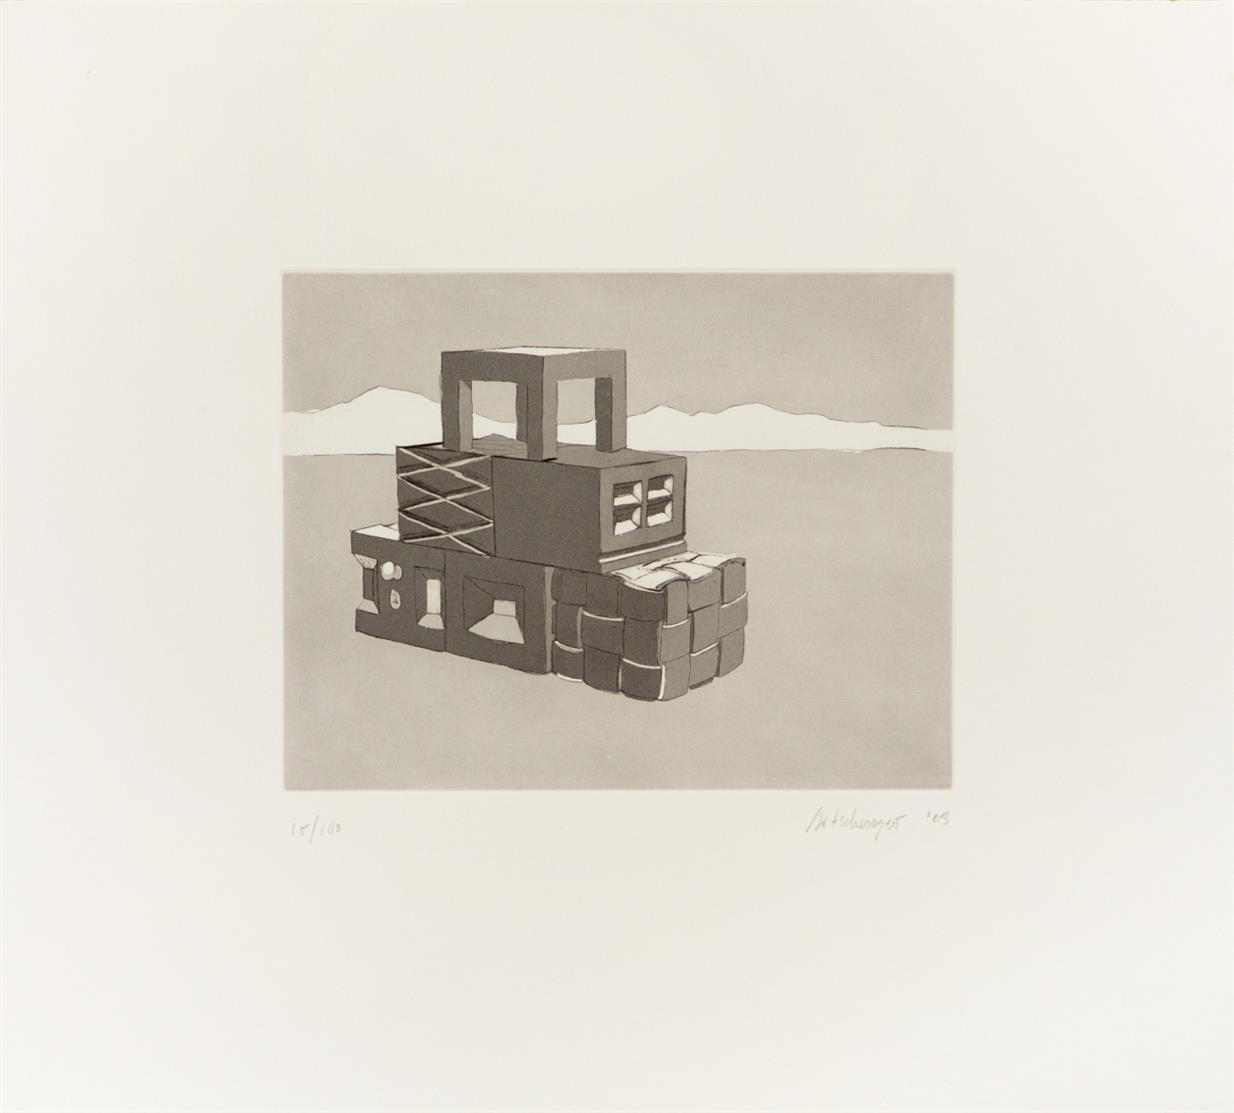 Richard Artschwager. Motiv aus: T.W.M.D.R.B. 2003. Radierung u. Aquatinta. Signiert. Ex. 15/100.